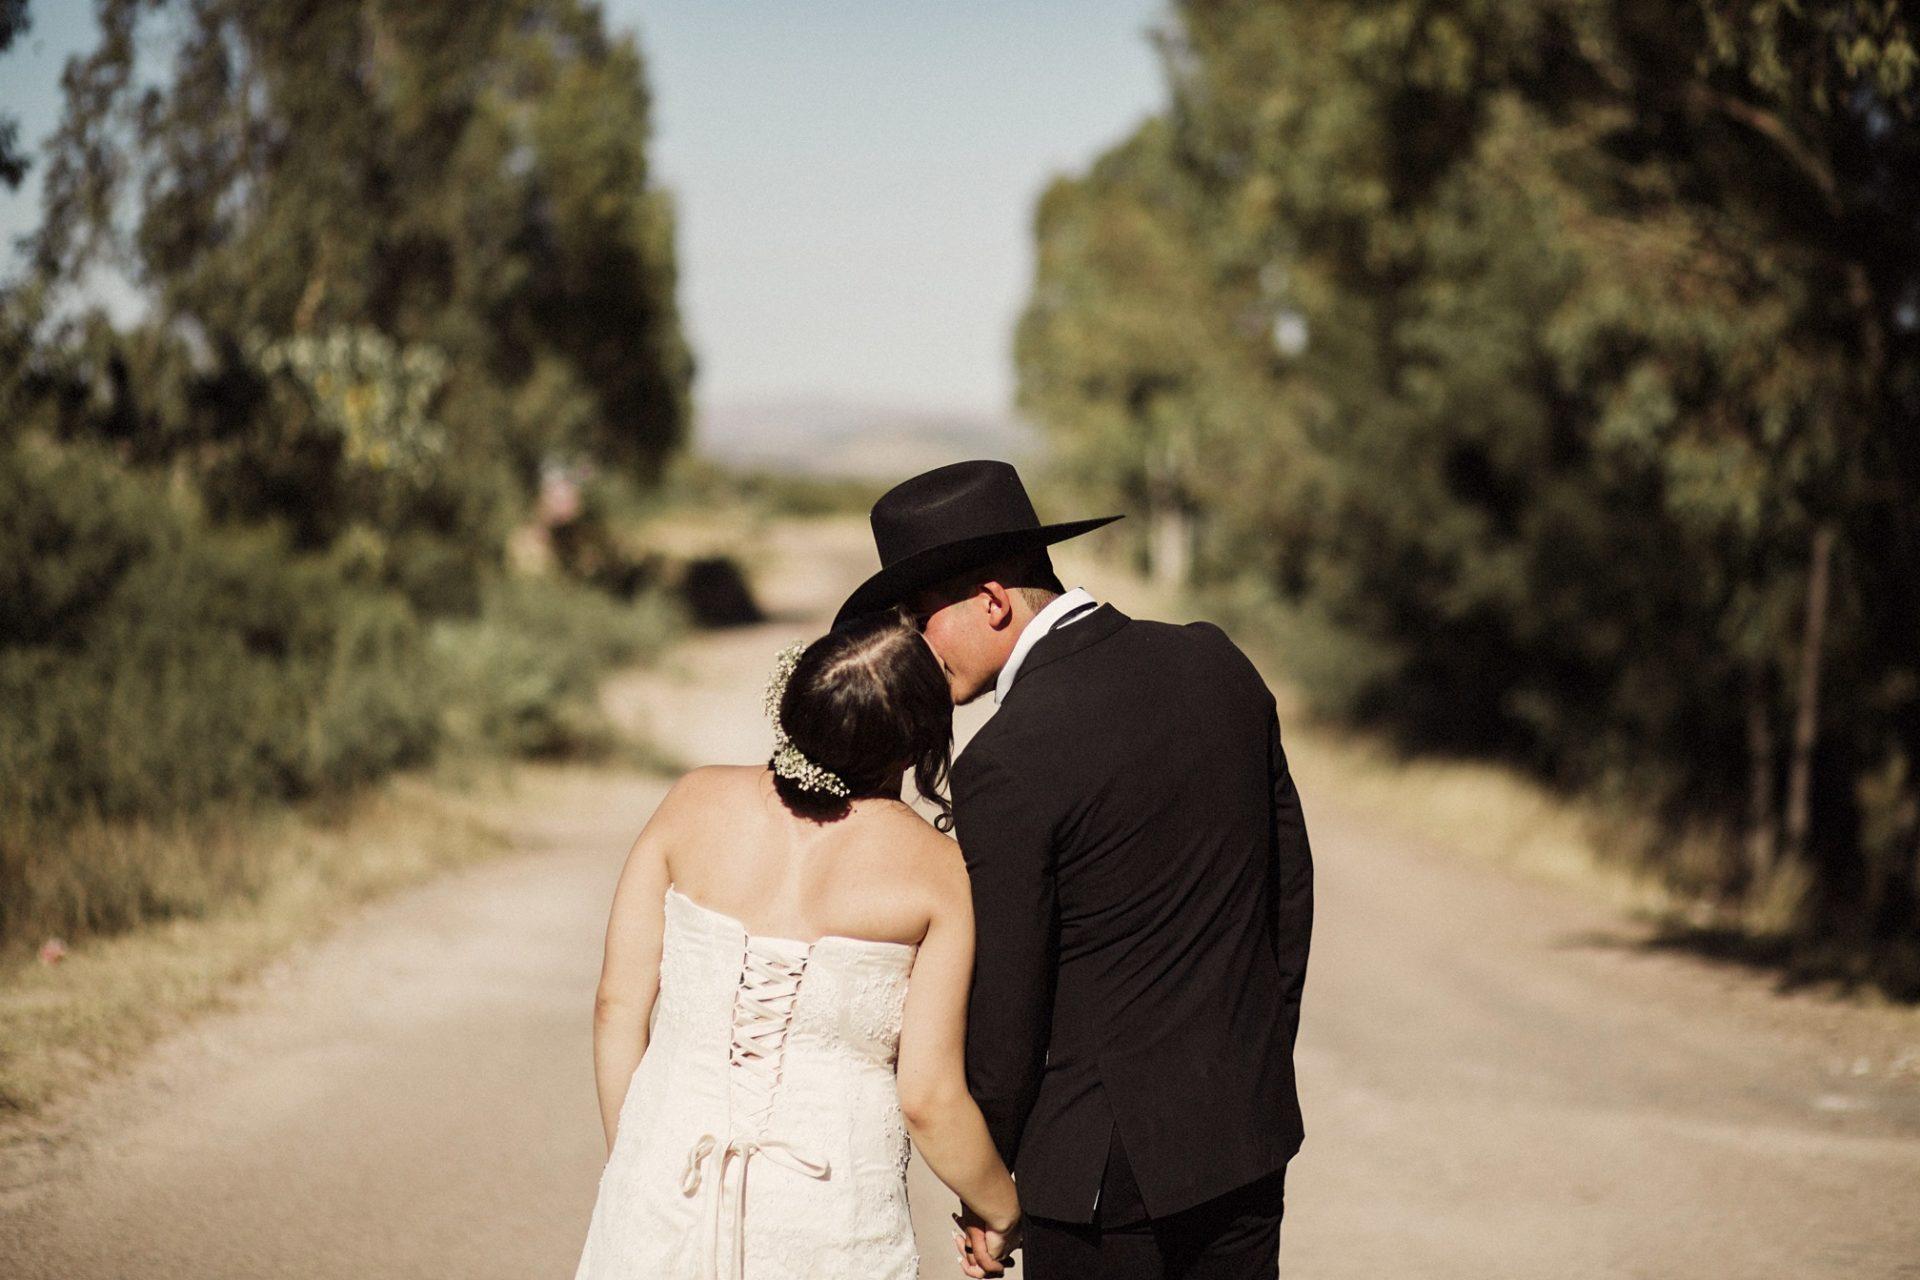 boda-jerez-charra-zacatecas--42